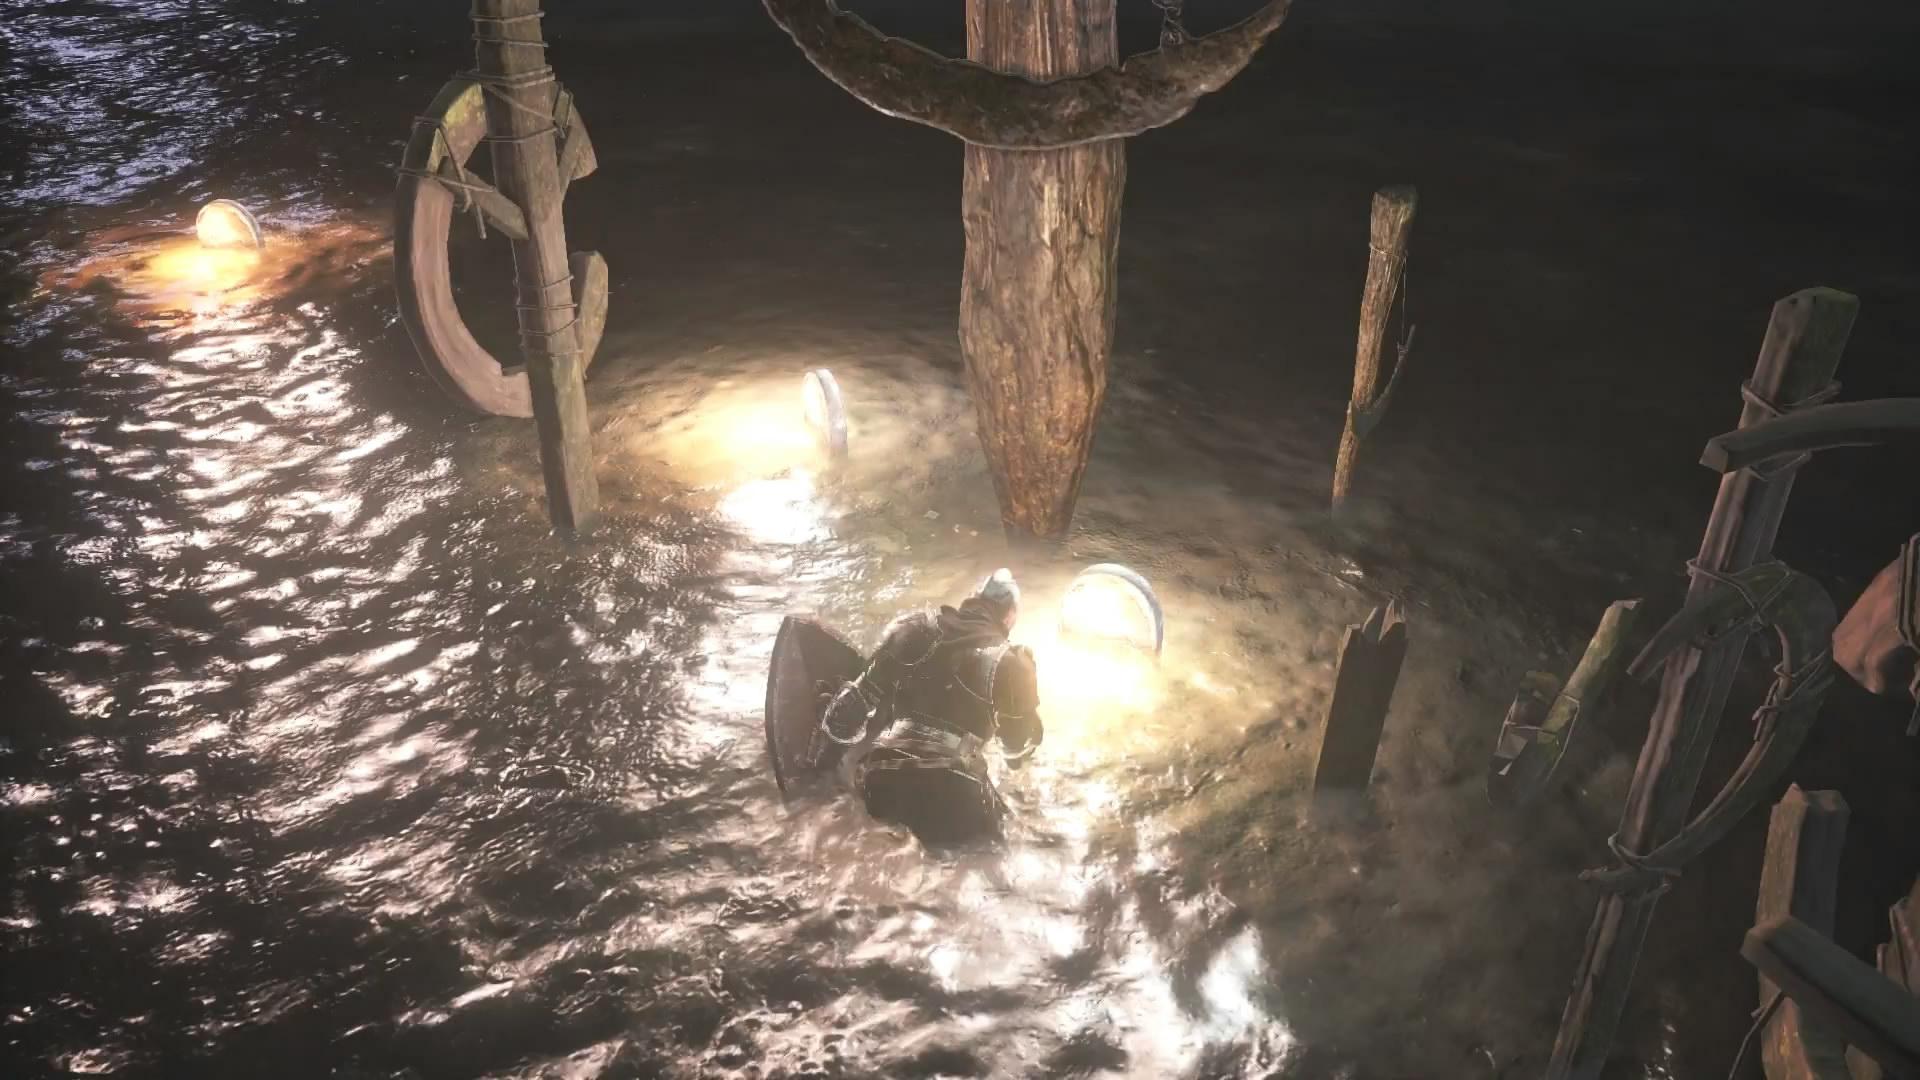 《黑暗之魂3》46个被删碑文曝光 碎片化叙述故事剧情